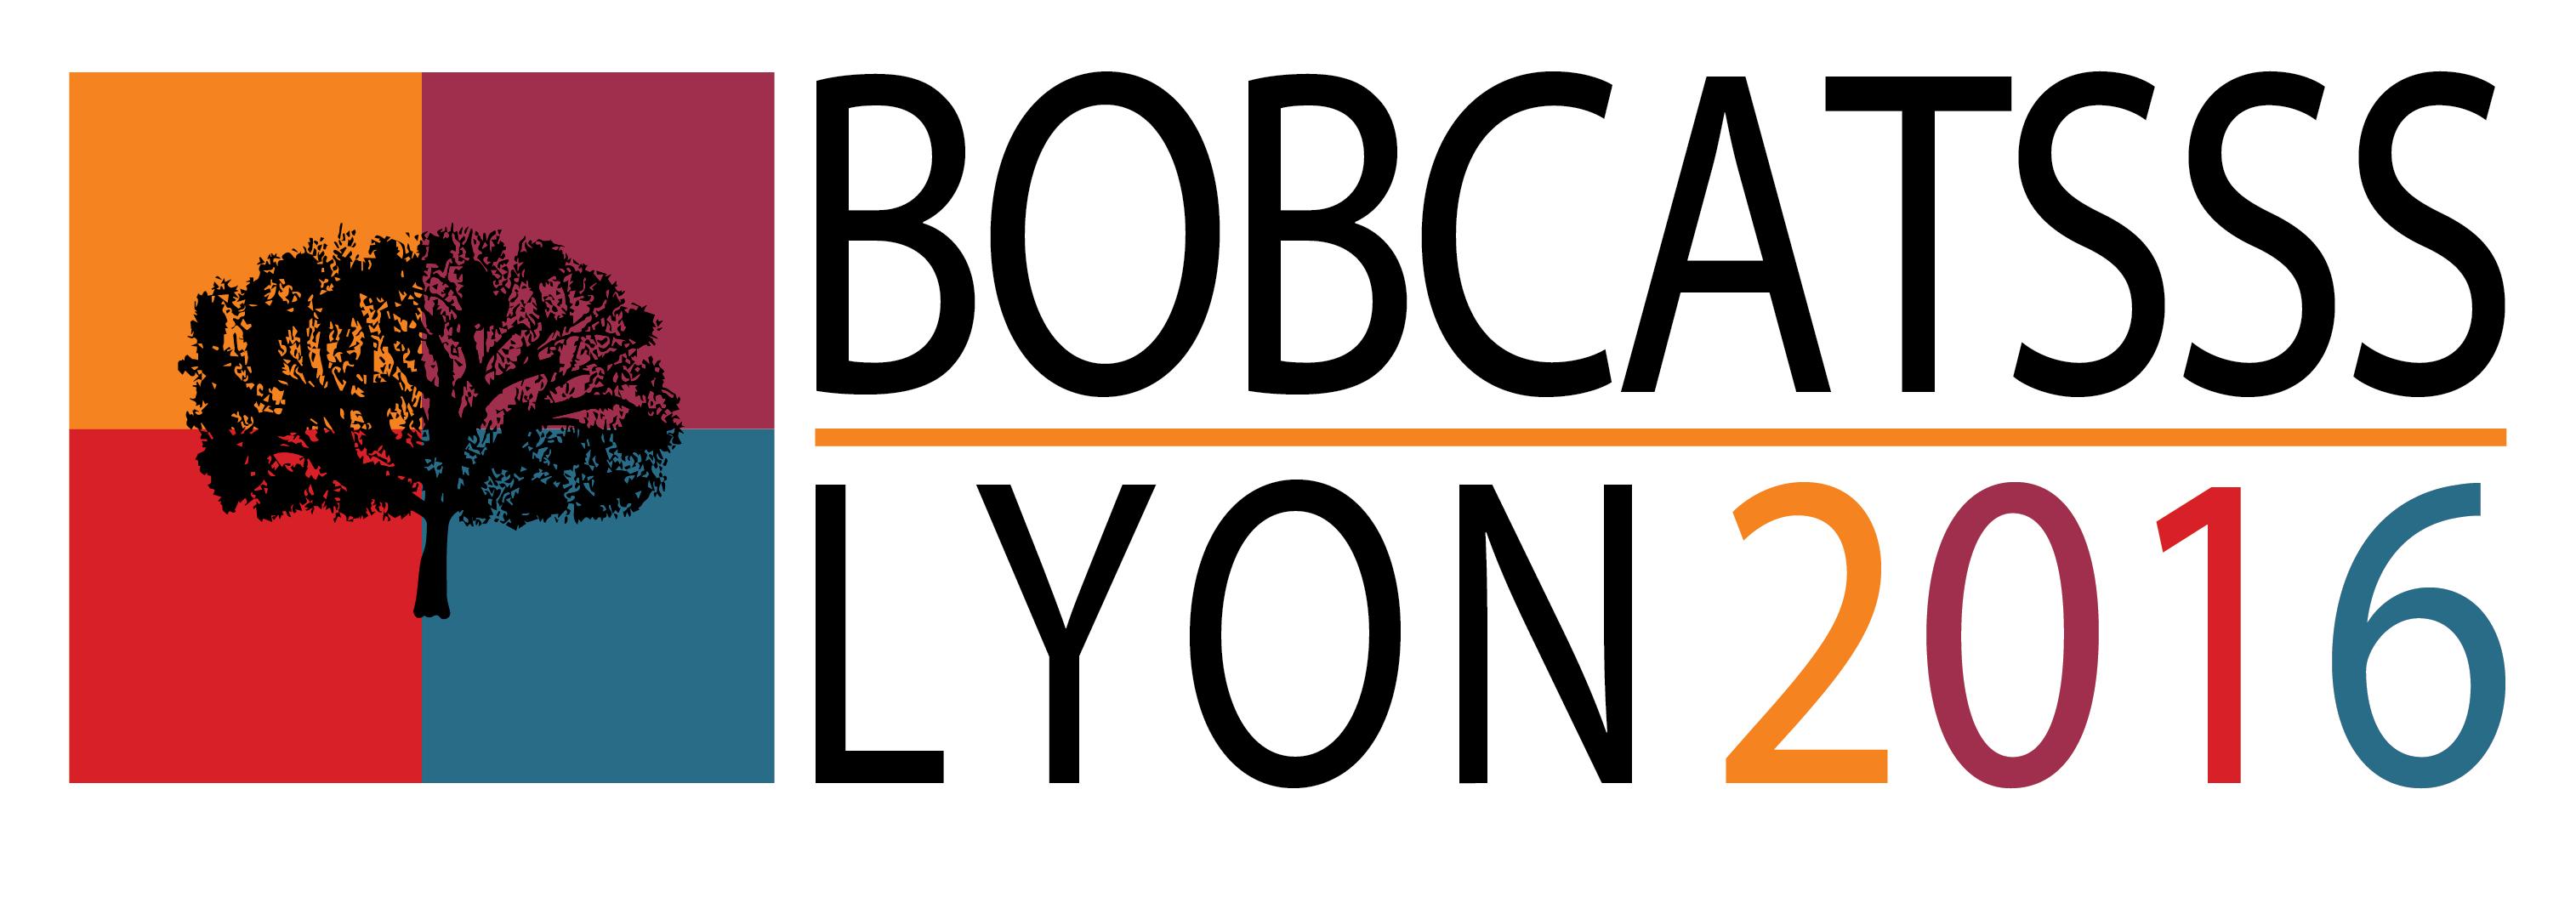 Logo Bobcatsss2016